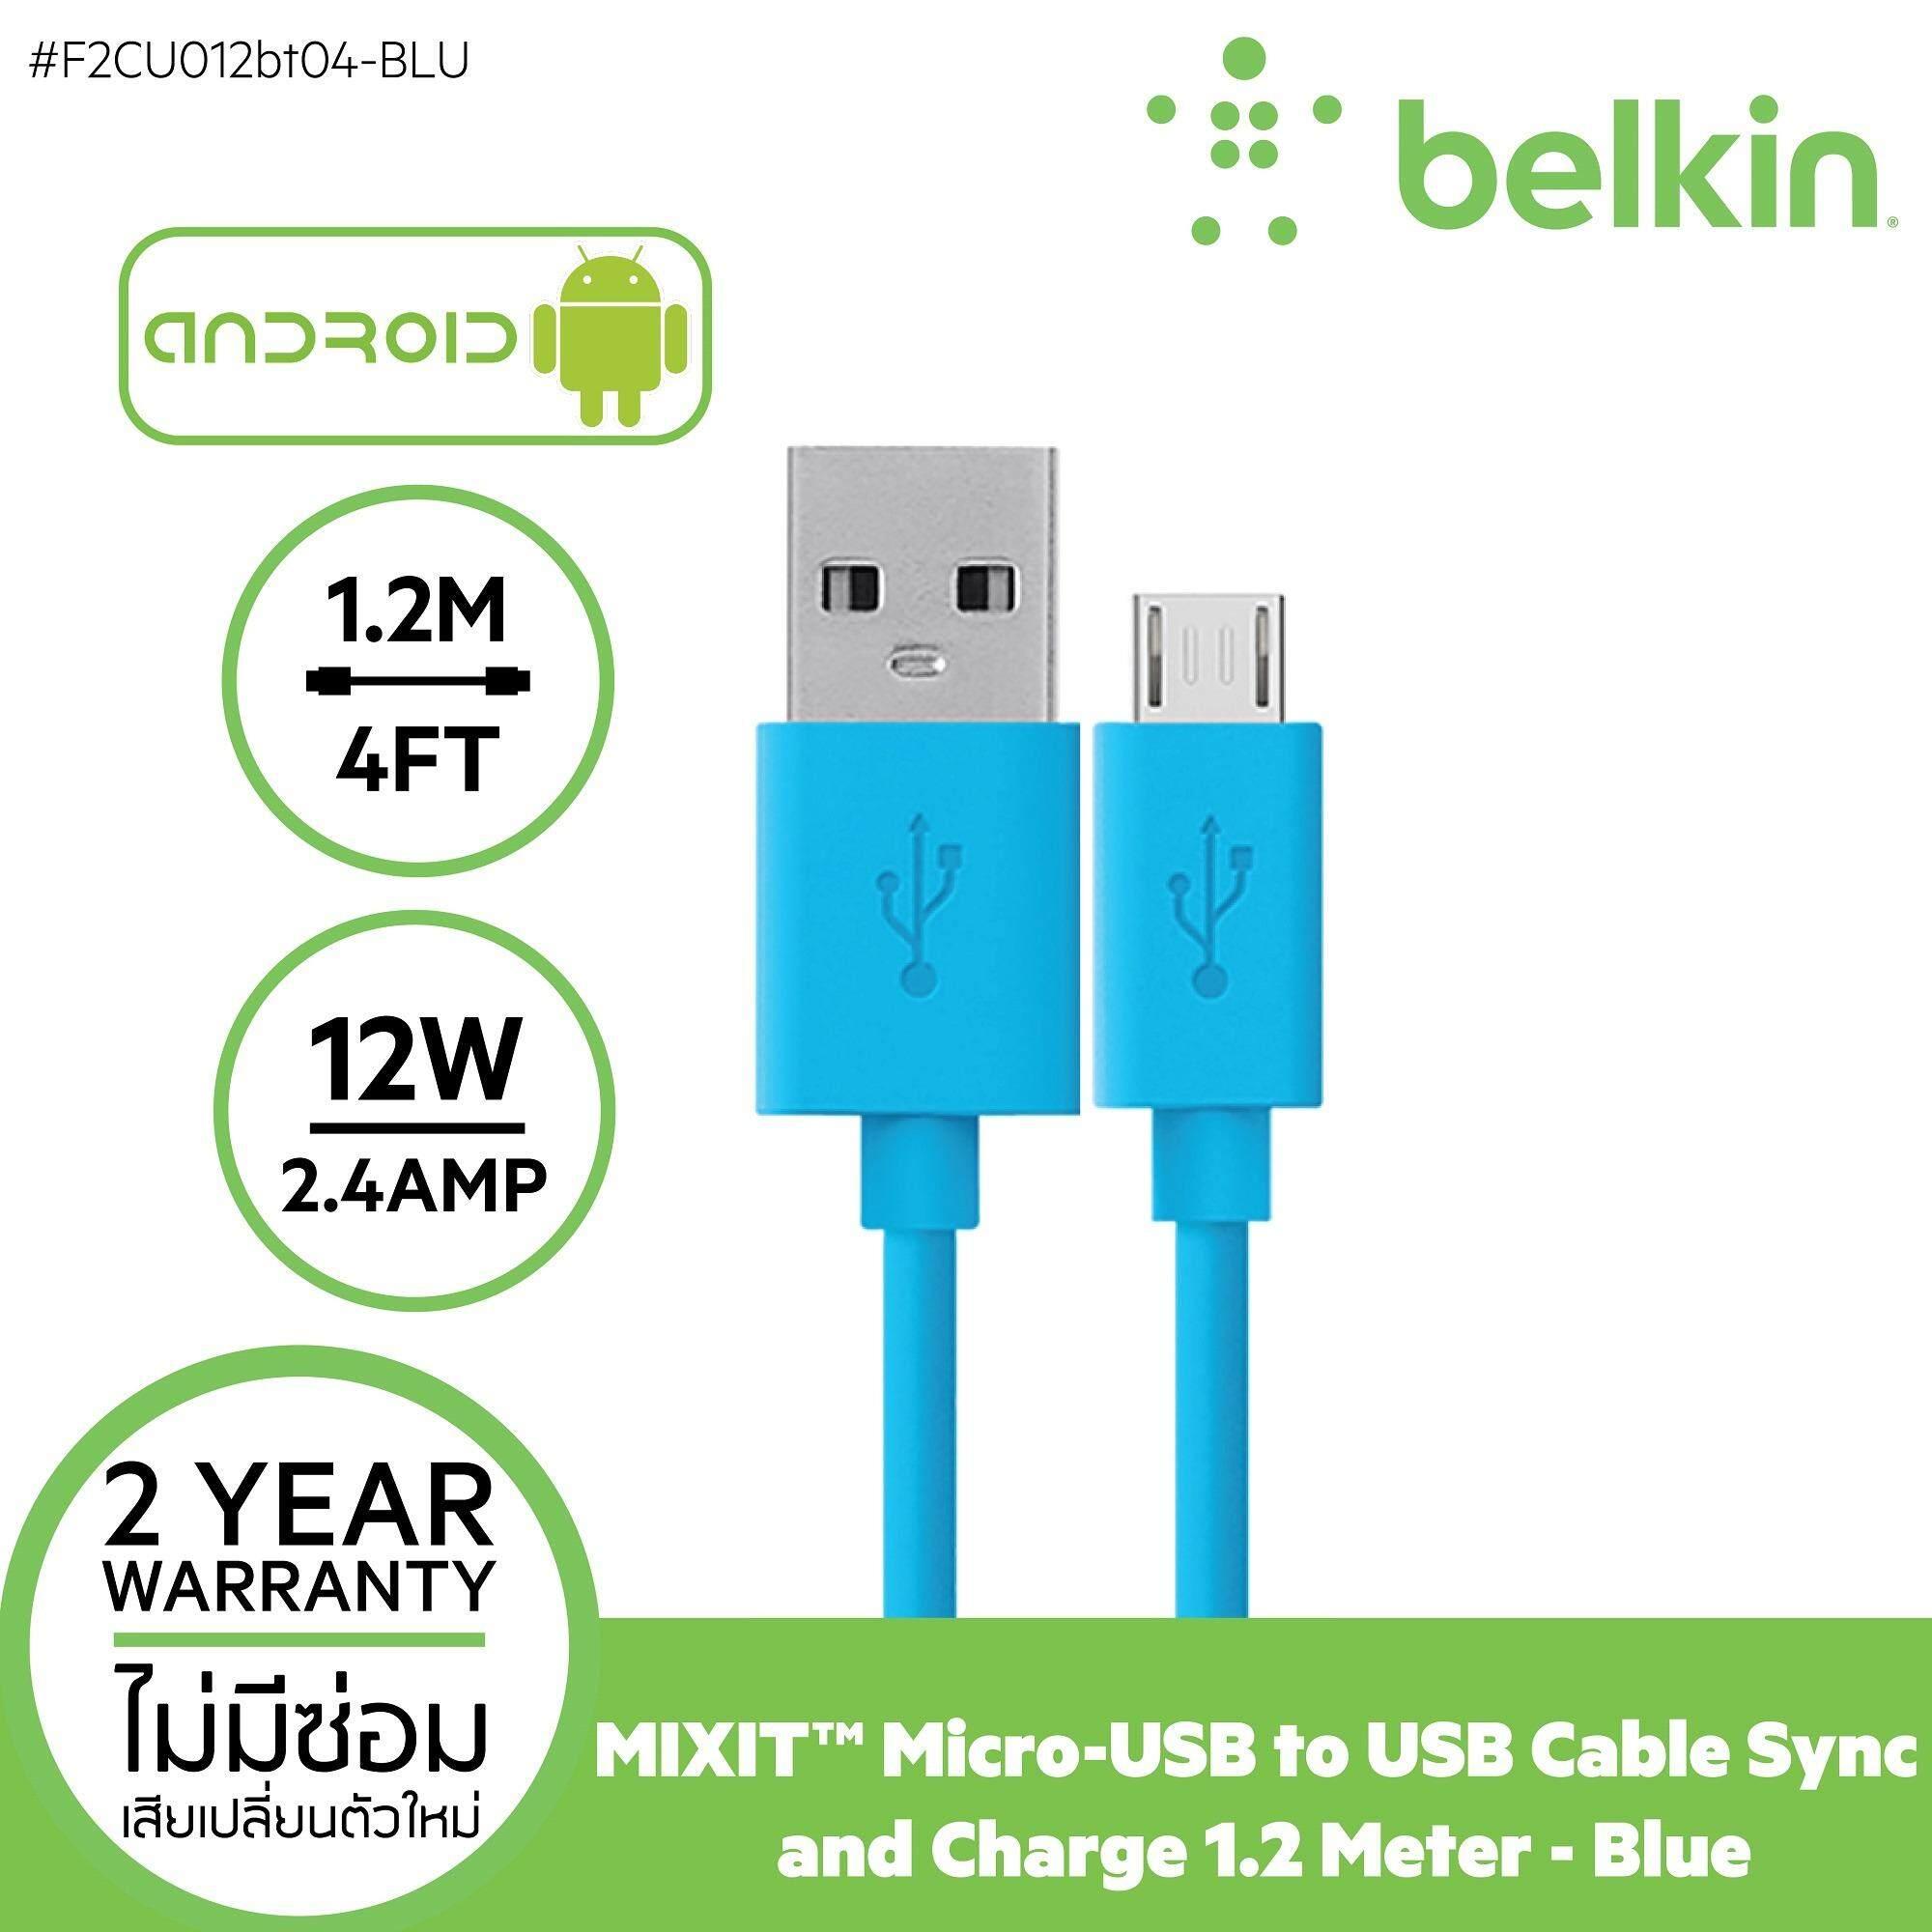 ขาย Belkin สายชาร์จ ไมโคร ยูเอสบี 1 2 เมตร สำหรับแอนดรอยด์ ซัมซุง แบตเตอรี่สำรอง เบลคิน รุ่น Belkinbelkin Charge And Sync Cable Micro Usb 1 2M F2Cu012Bt04 Blu ออนไลน์ กรุงเทพมหานคร